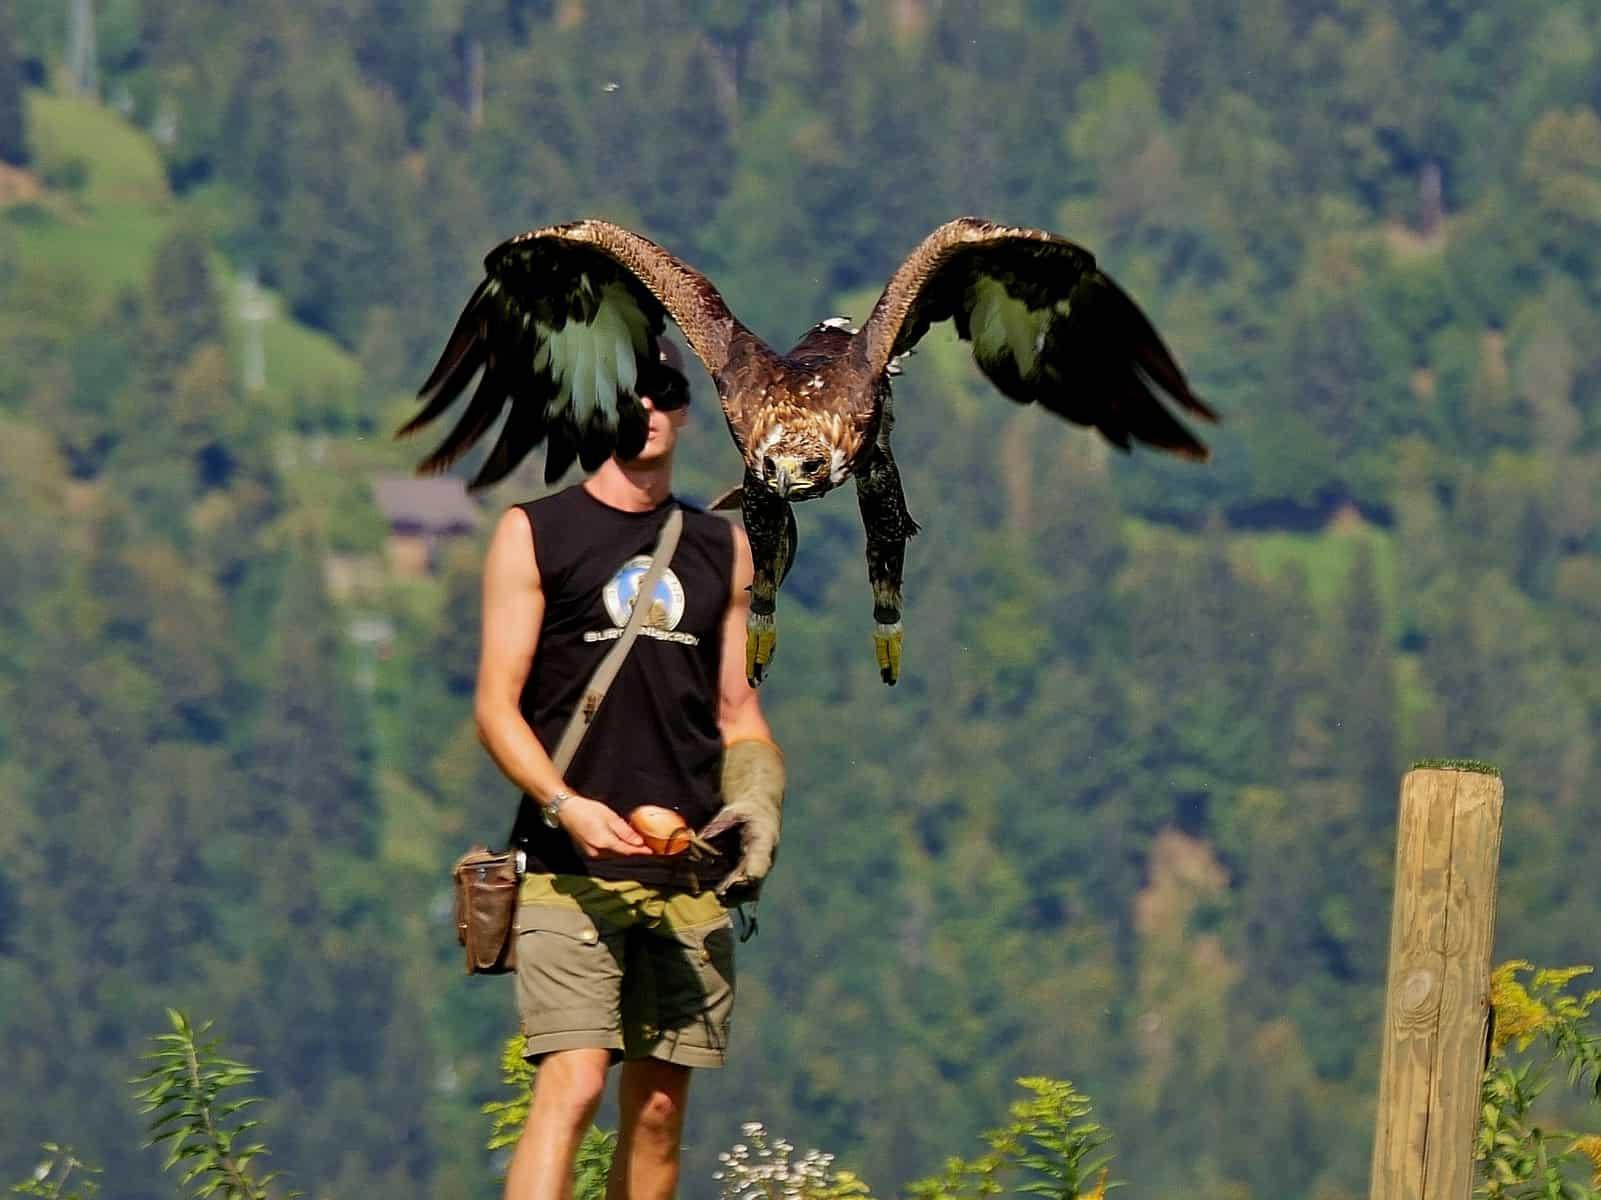 Adler bei Flugshow auf Burg Landskron in Adlerarena - Greifvogelschau Nähe Villach bei Affenberg